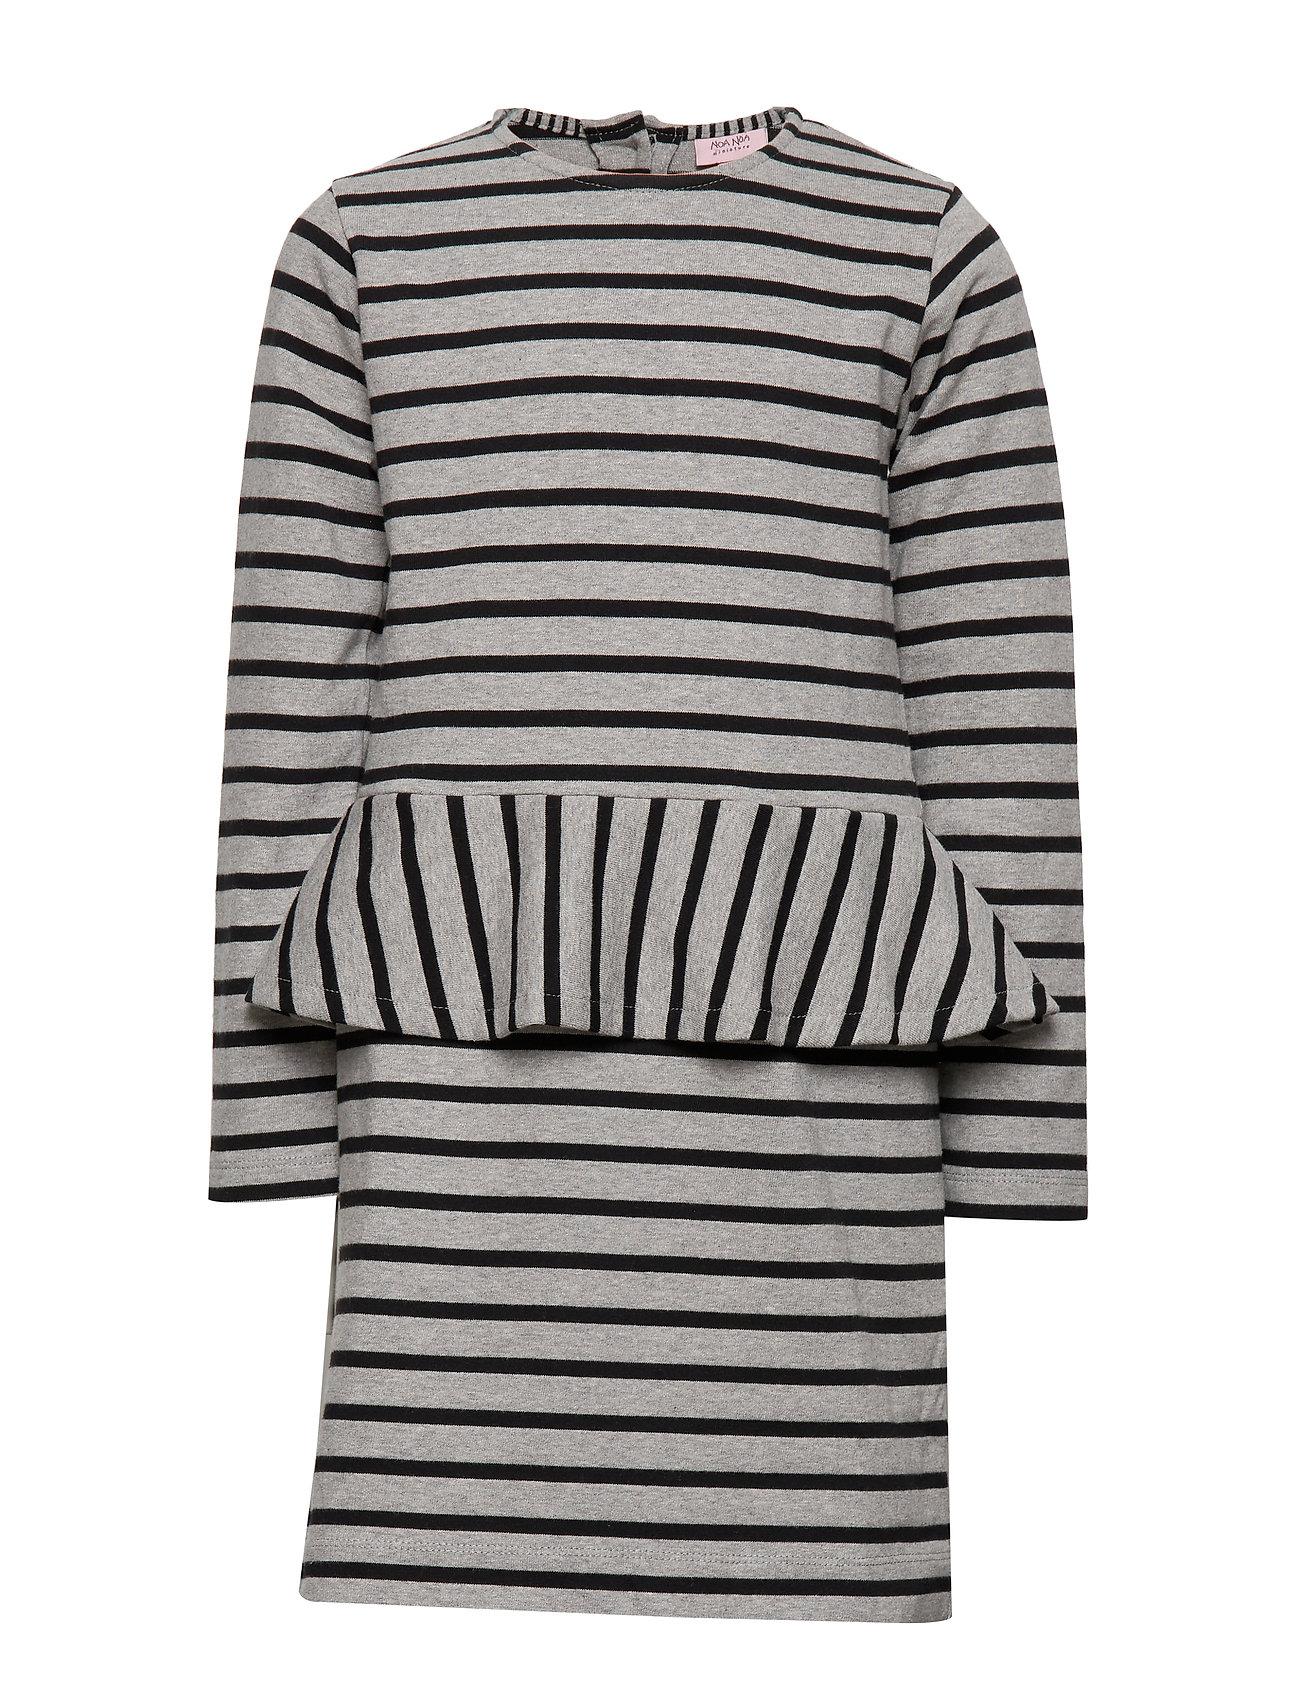 Noa Noa Miniature Dress long sleeve - GREY MELANGE